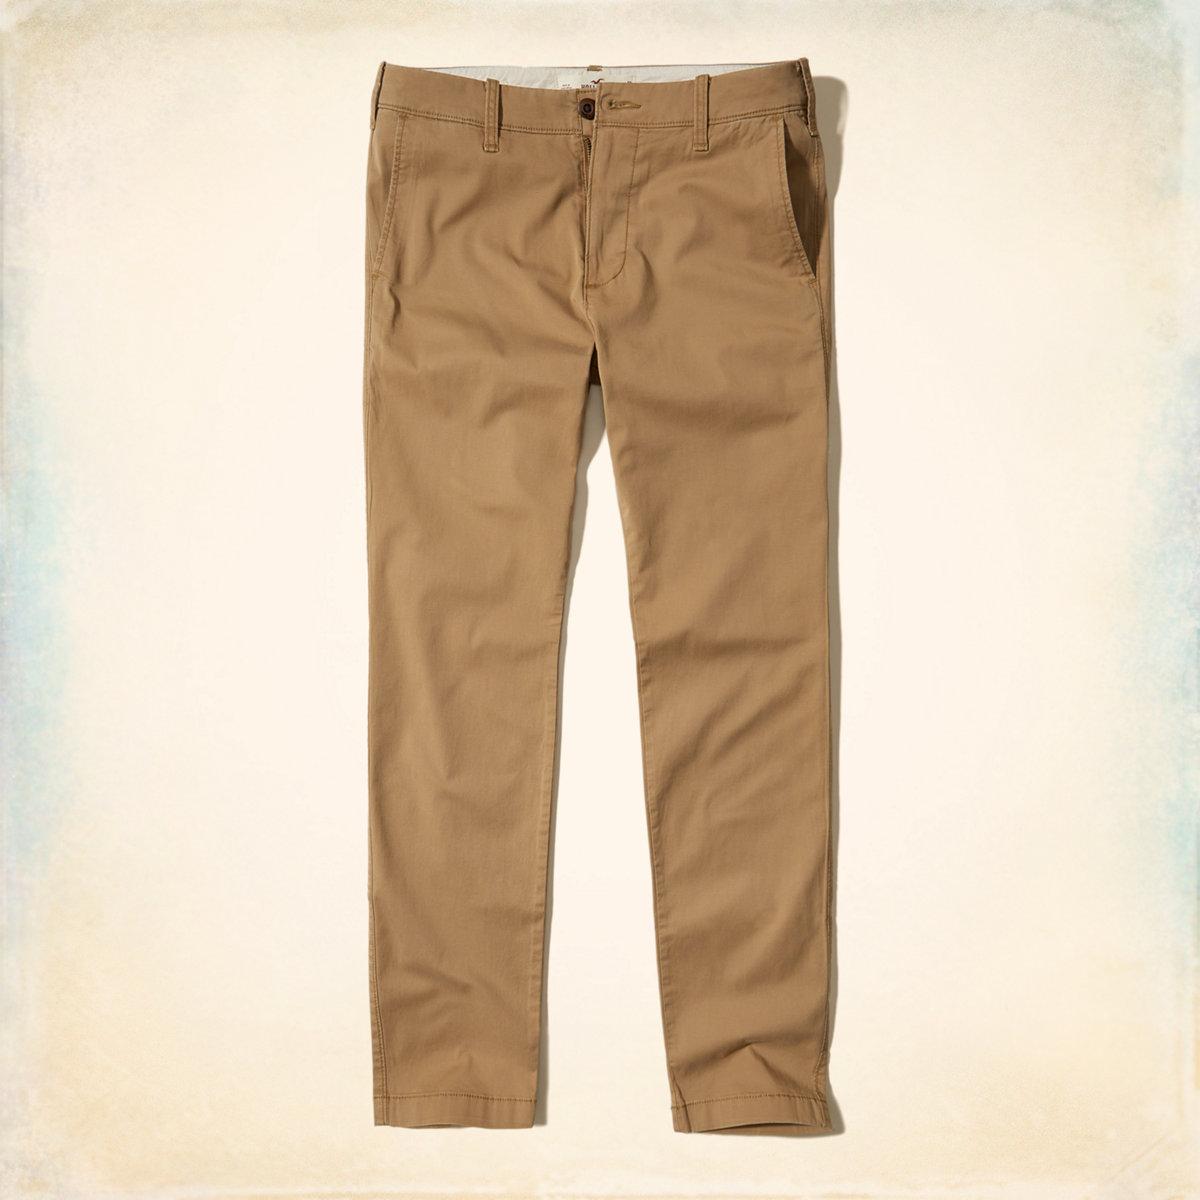 Epic Flex Skinny Chino Pants